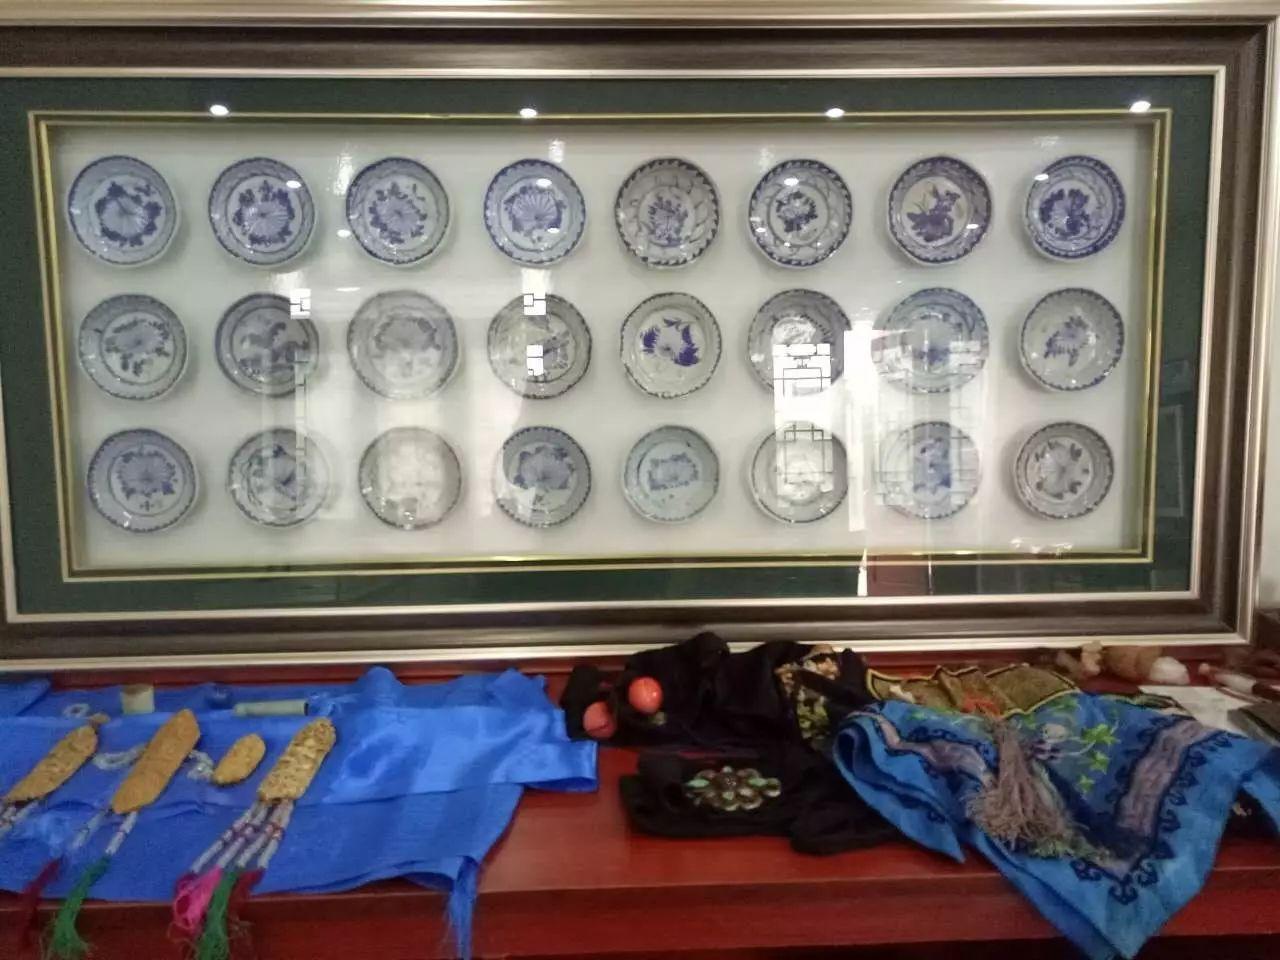 蒙古族青年宝尔金创办民俗文化展厅,看看都收藏了哪些物件? 第3张 蒙古族青年宝尔金创办民俗文化展厅,看看都收藏了哪些物件? 蒙古工艺